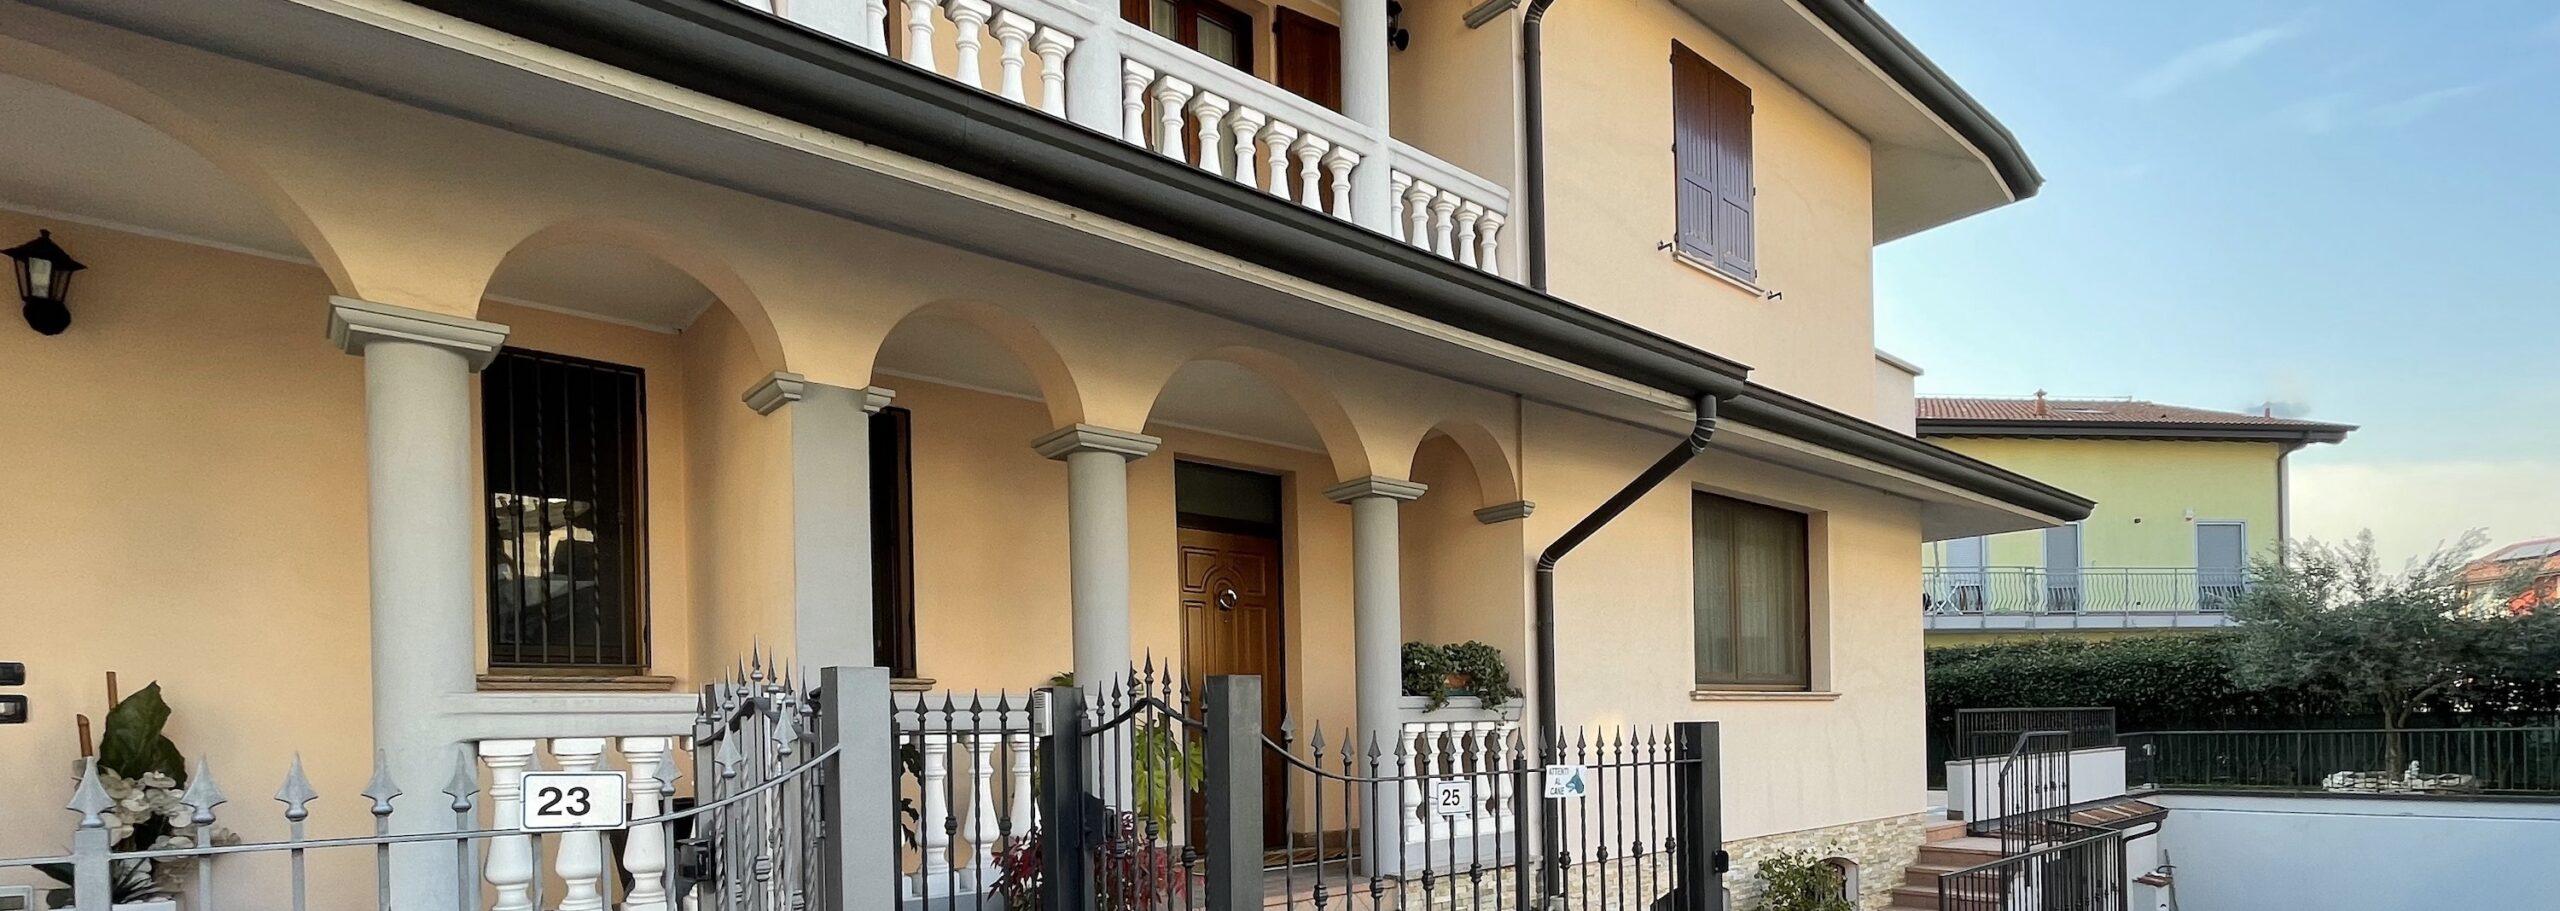 Villa bifamiliare a Caravaggio